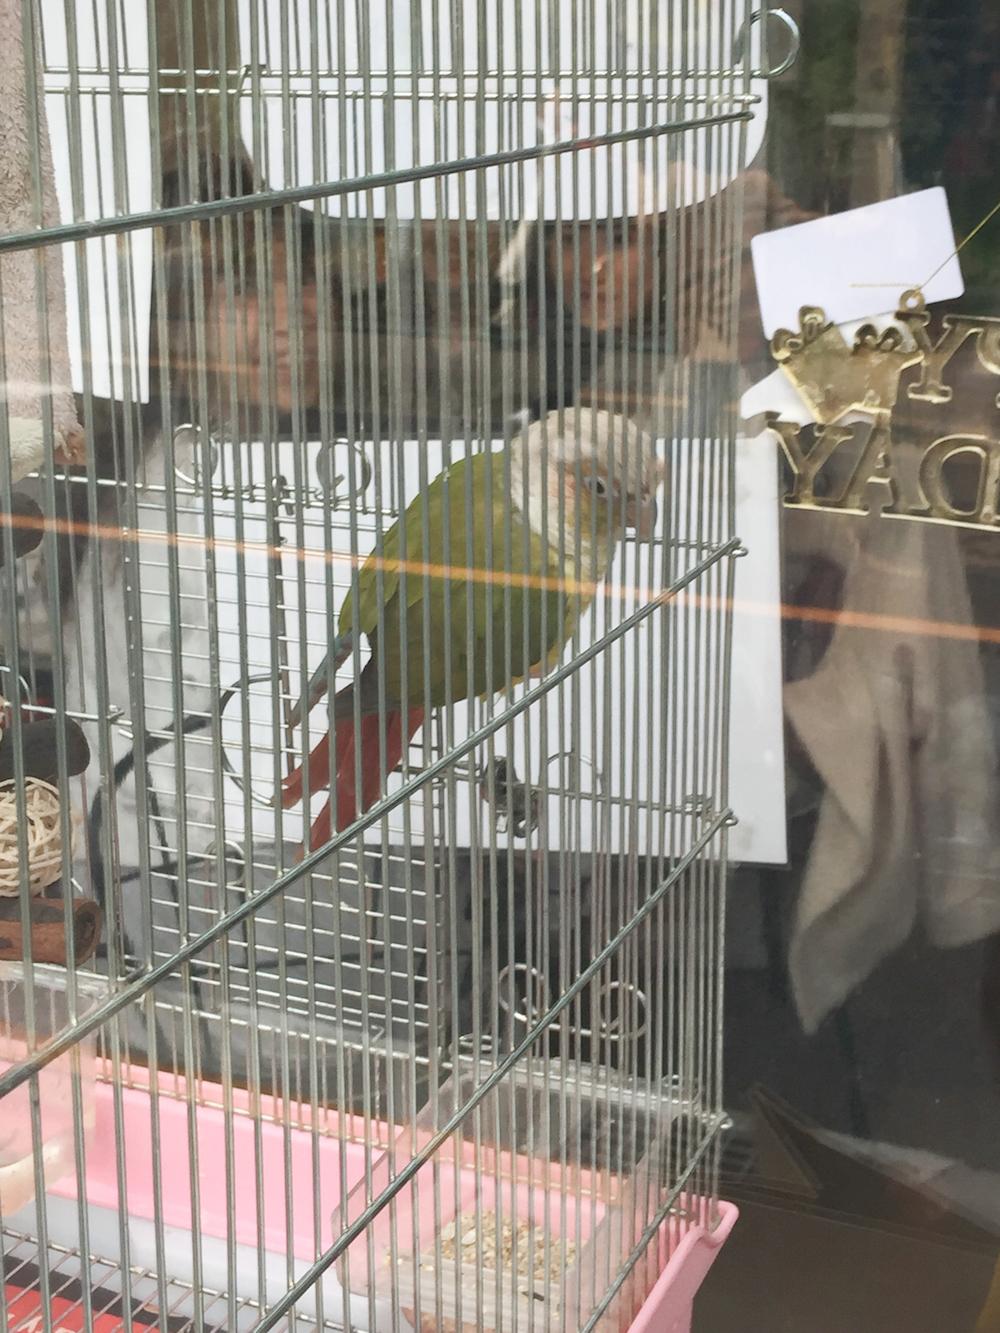 papagei-cafe-verrueckte-restaurants-tokyo